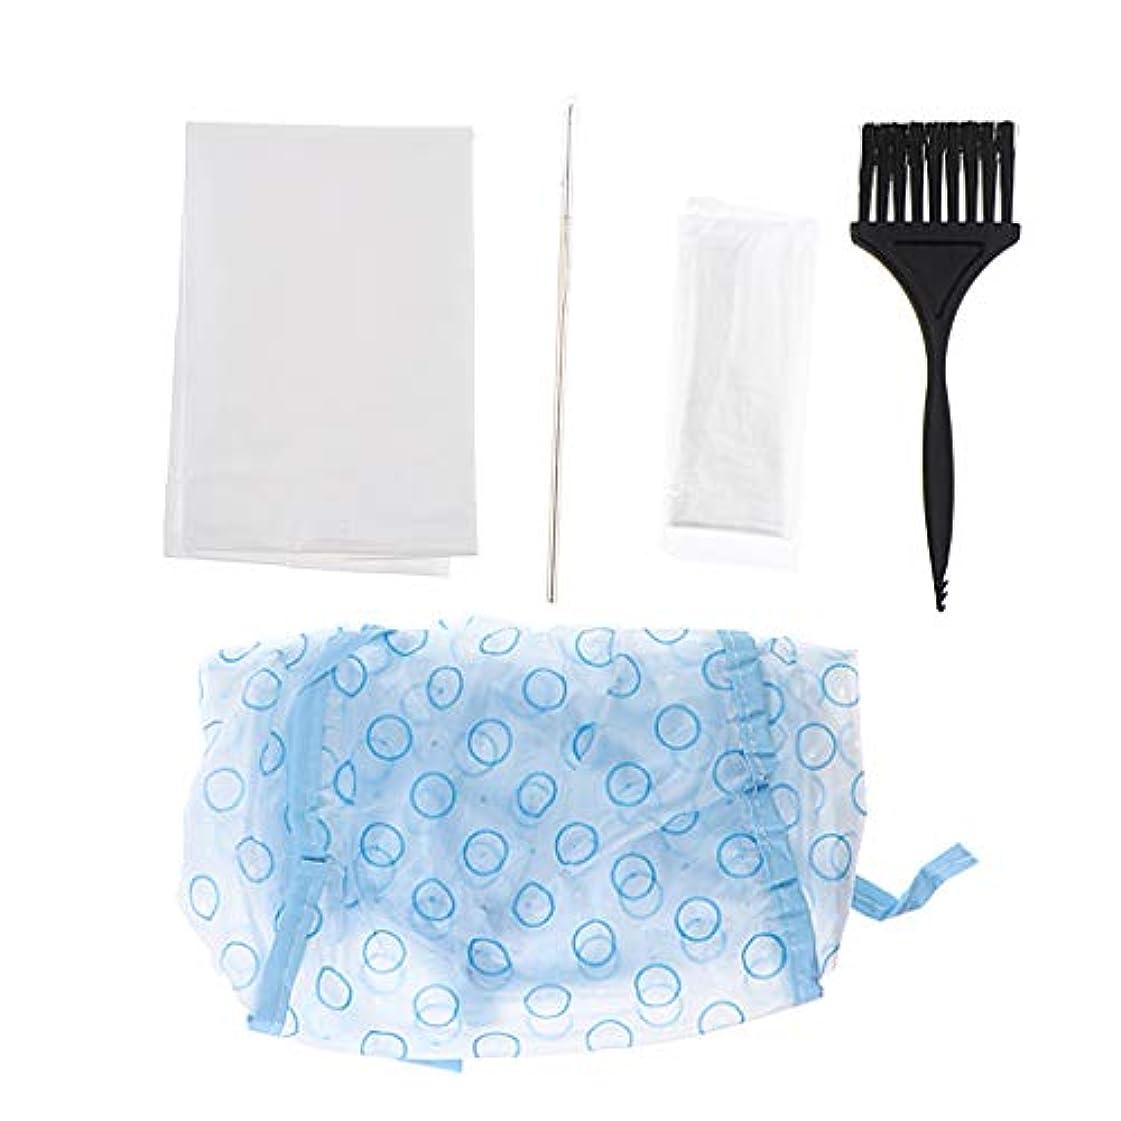 開発する避難する丈夫5本/セット使い捨てヘアカラー染めツールティントキャップクリップケープブラシ手袋